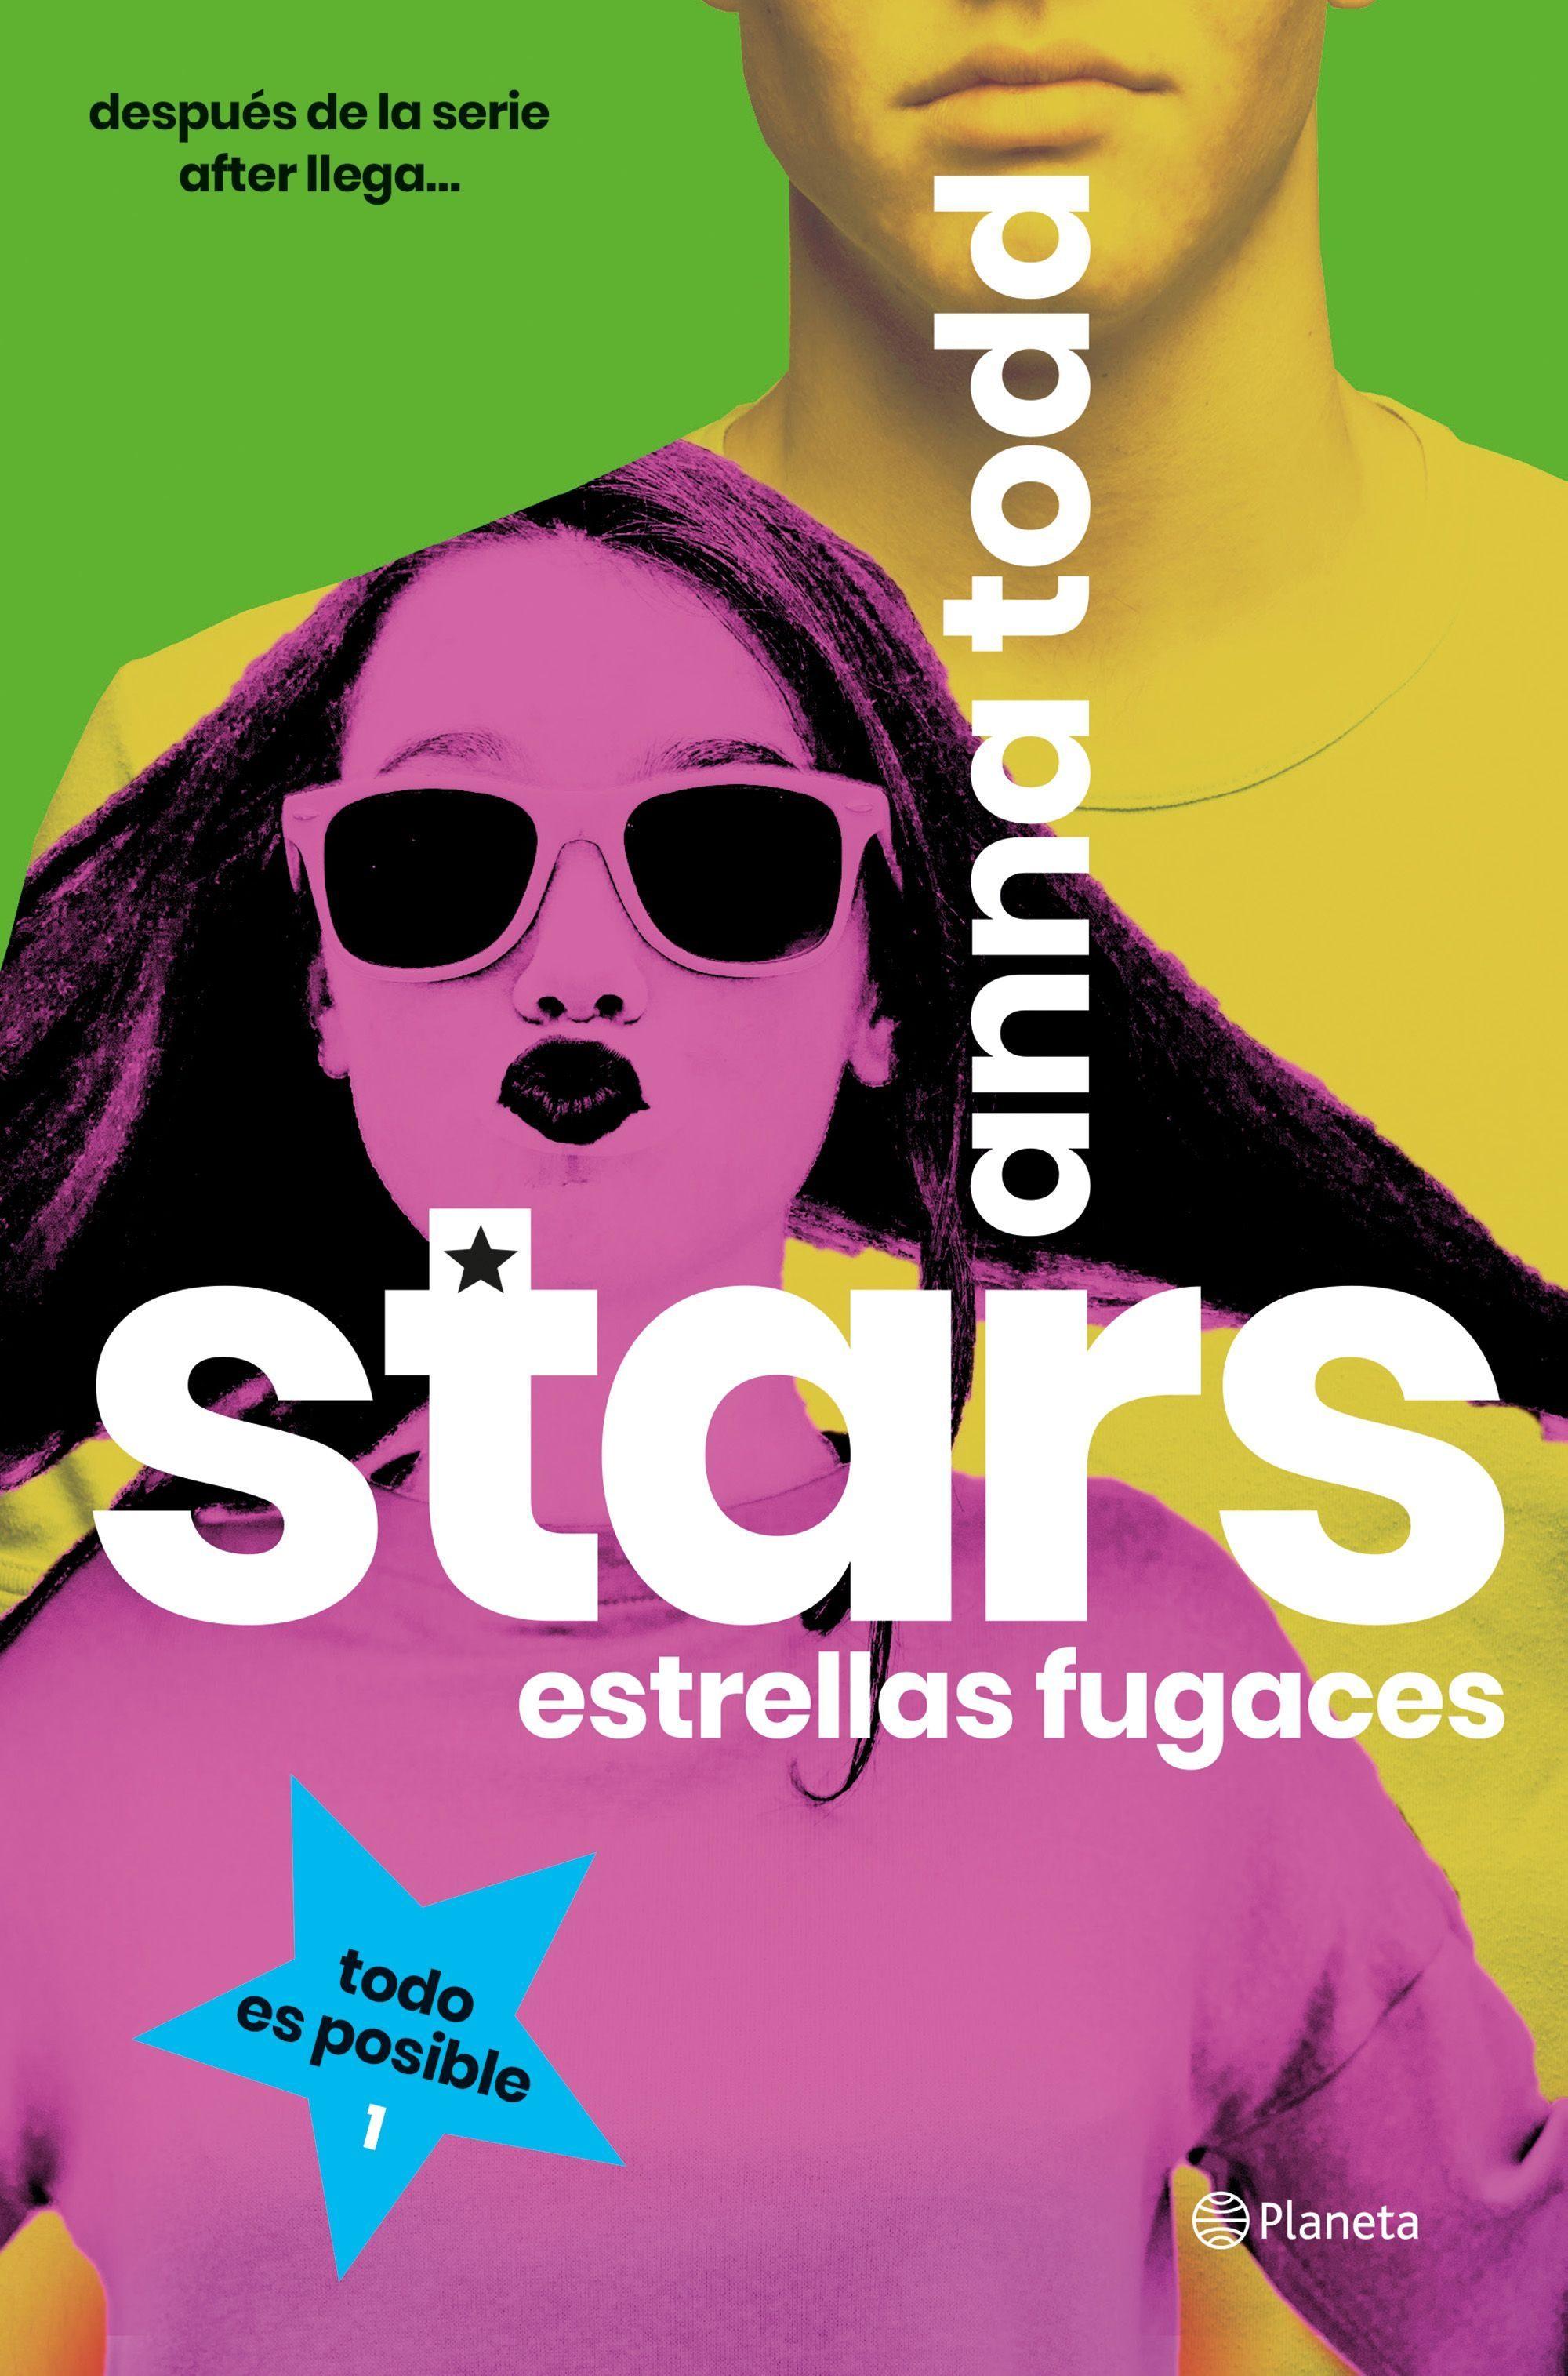 Stars. Estrellas fugaces, de Anna Todd está publicado en España por...